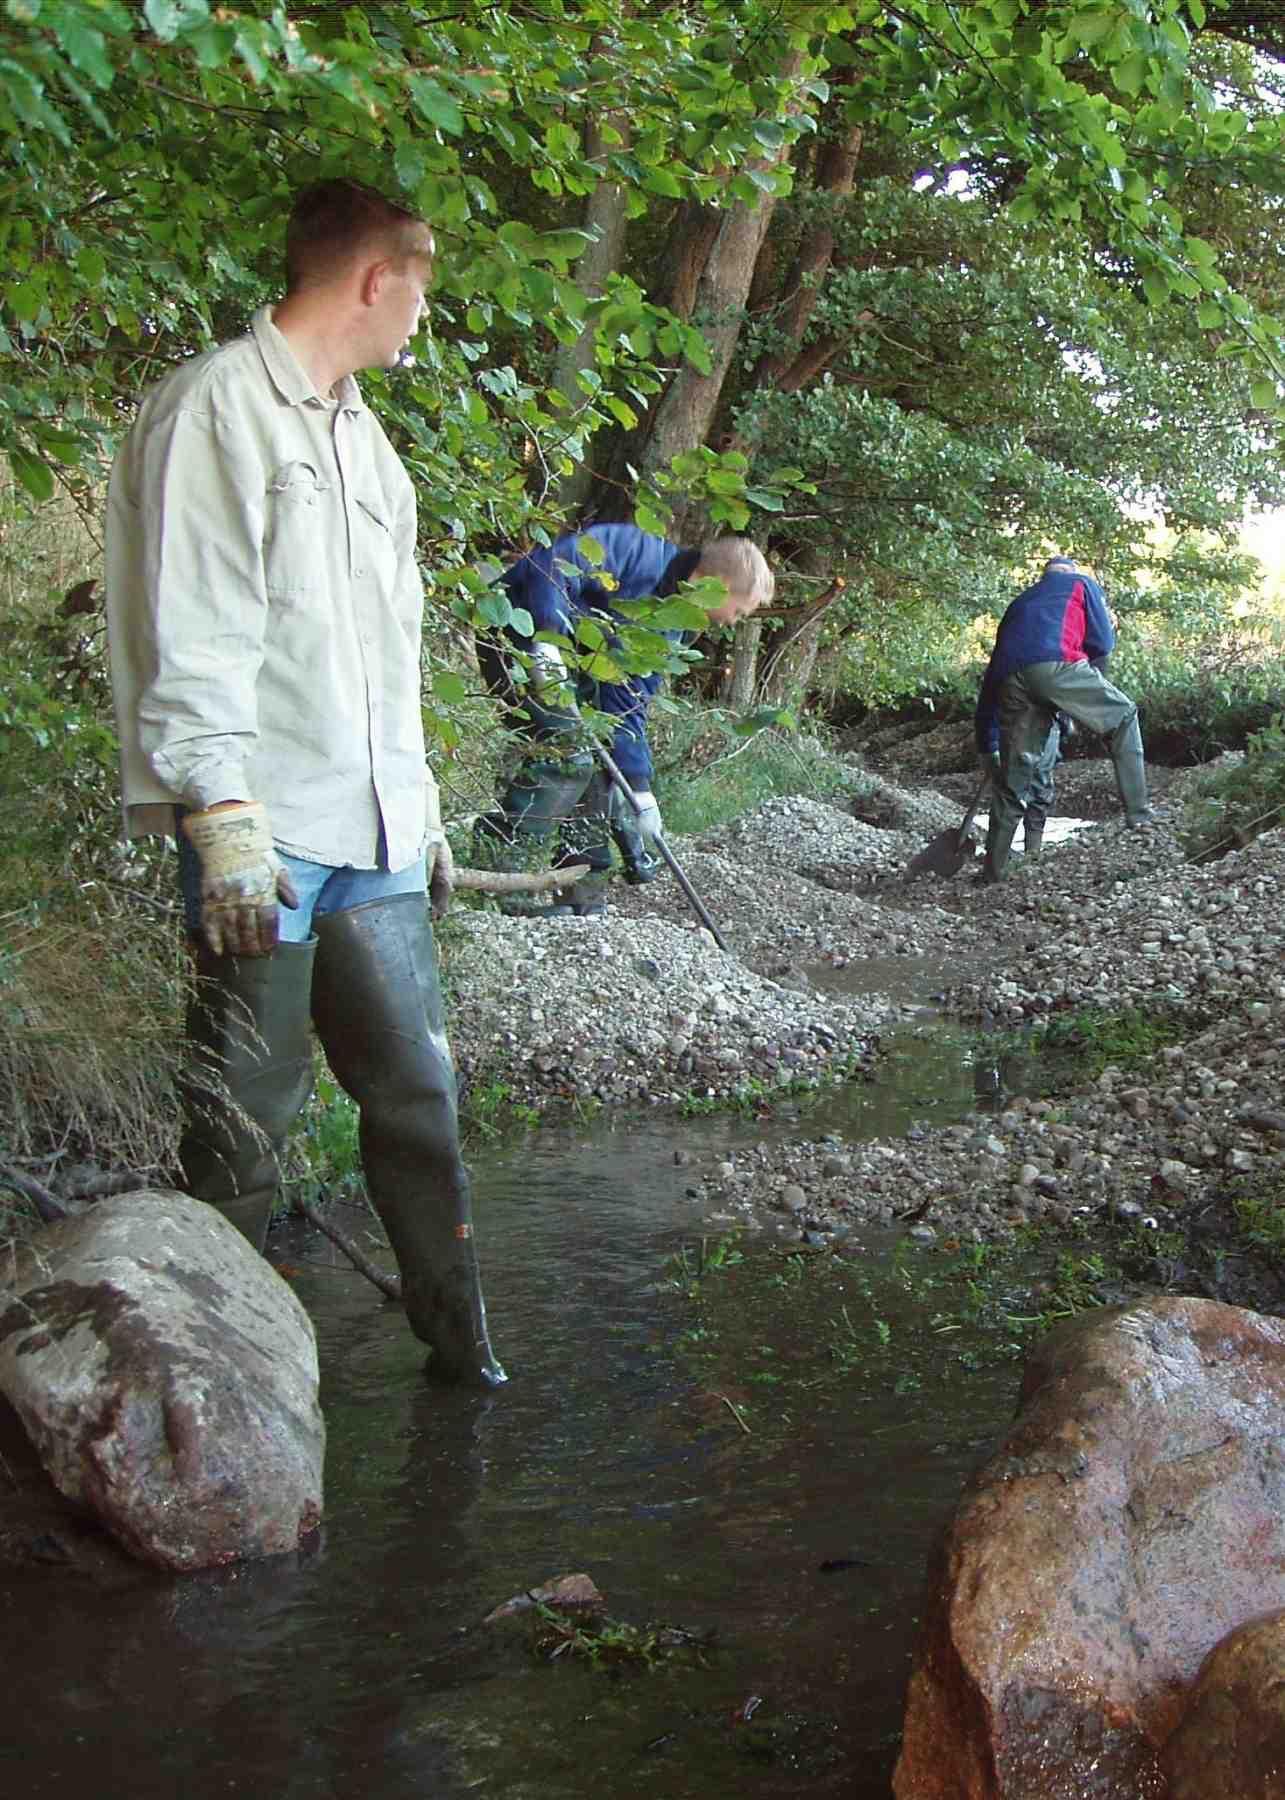 Billed 1, Gydegrus i vandløb